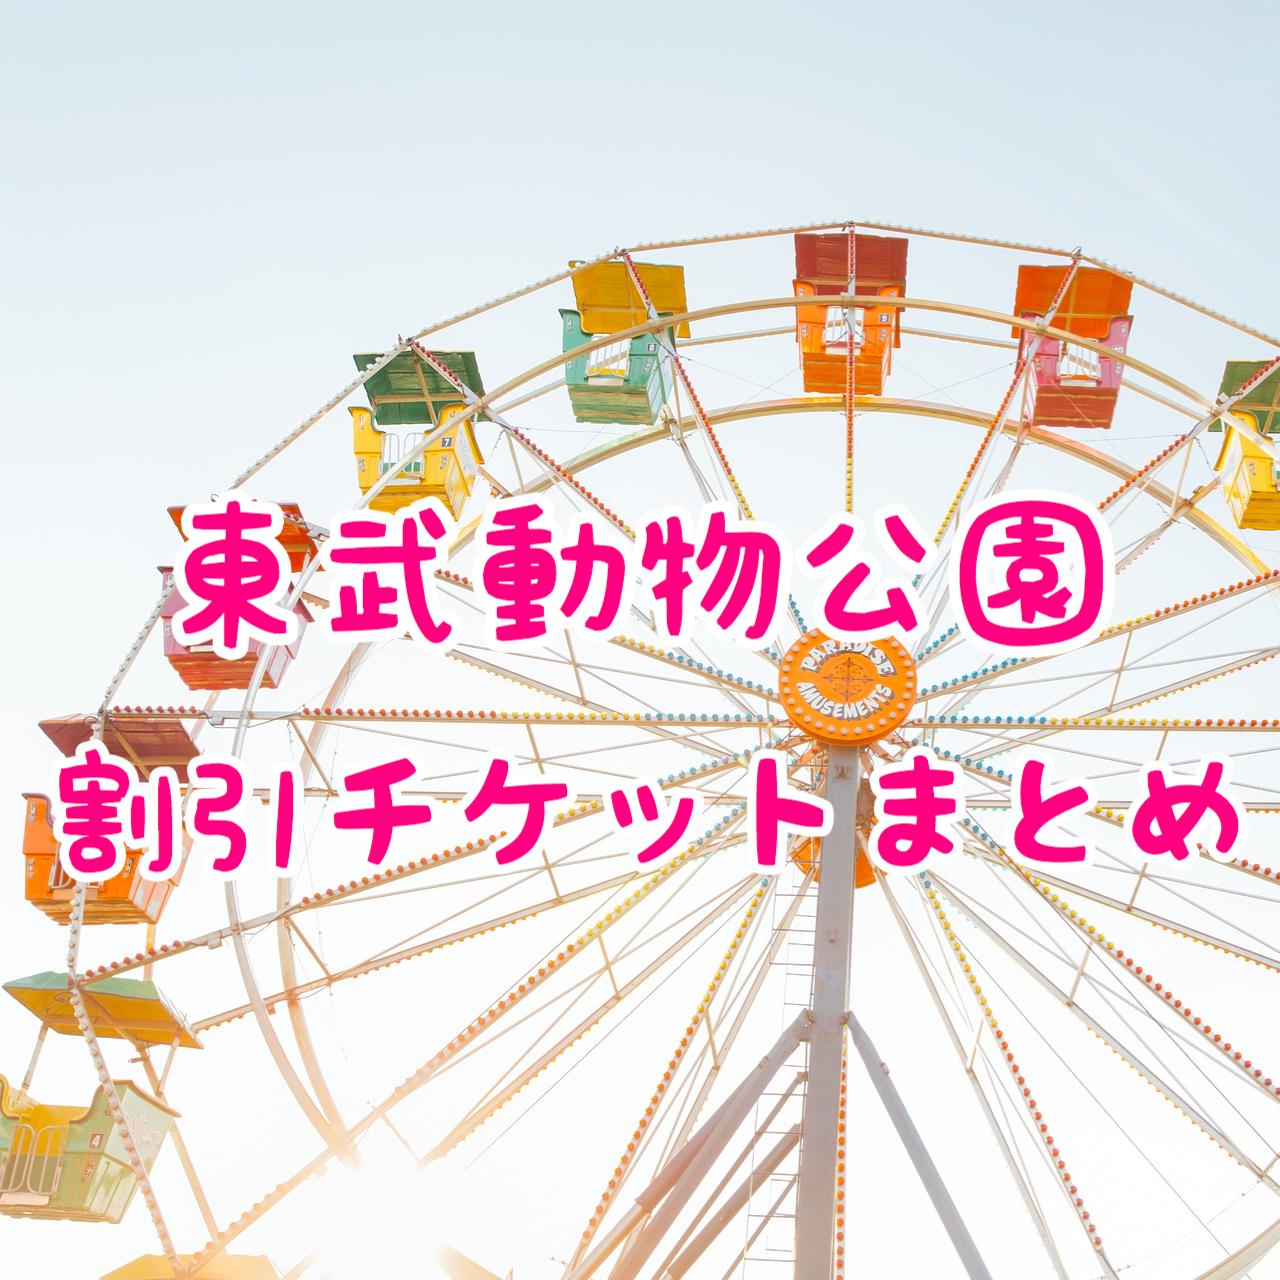 【東武動物公園の割引チケットまとめ】ワンデーパスが最大1,000円OFF!